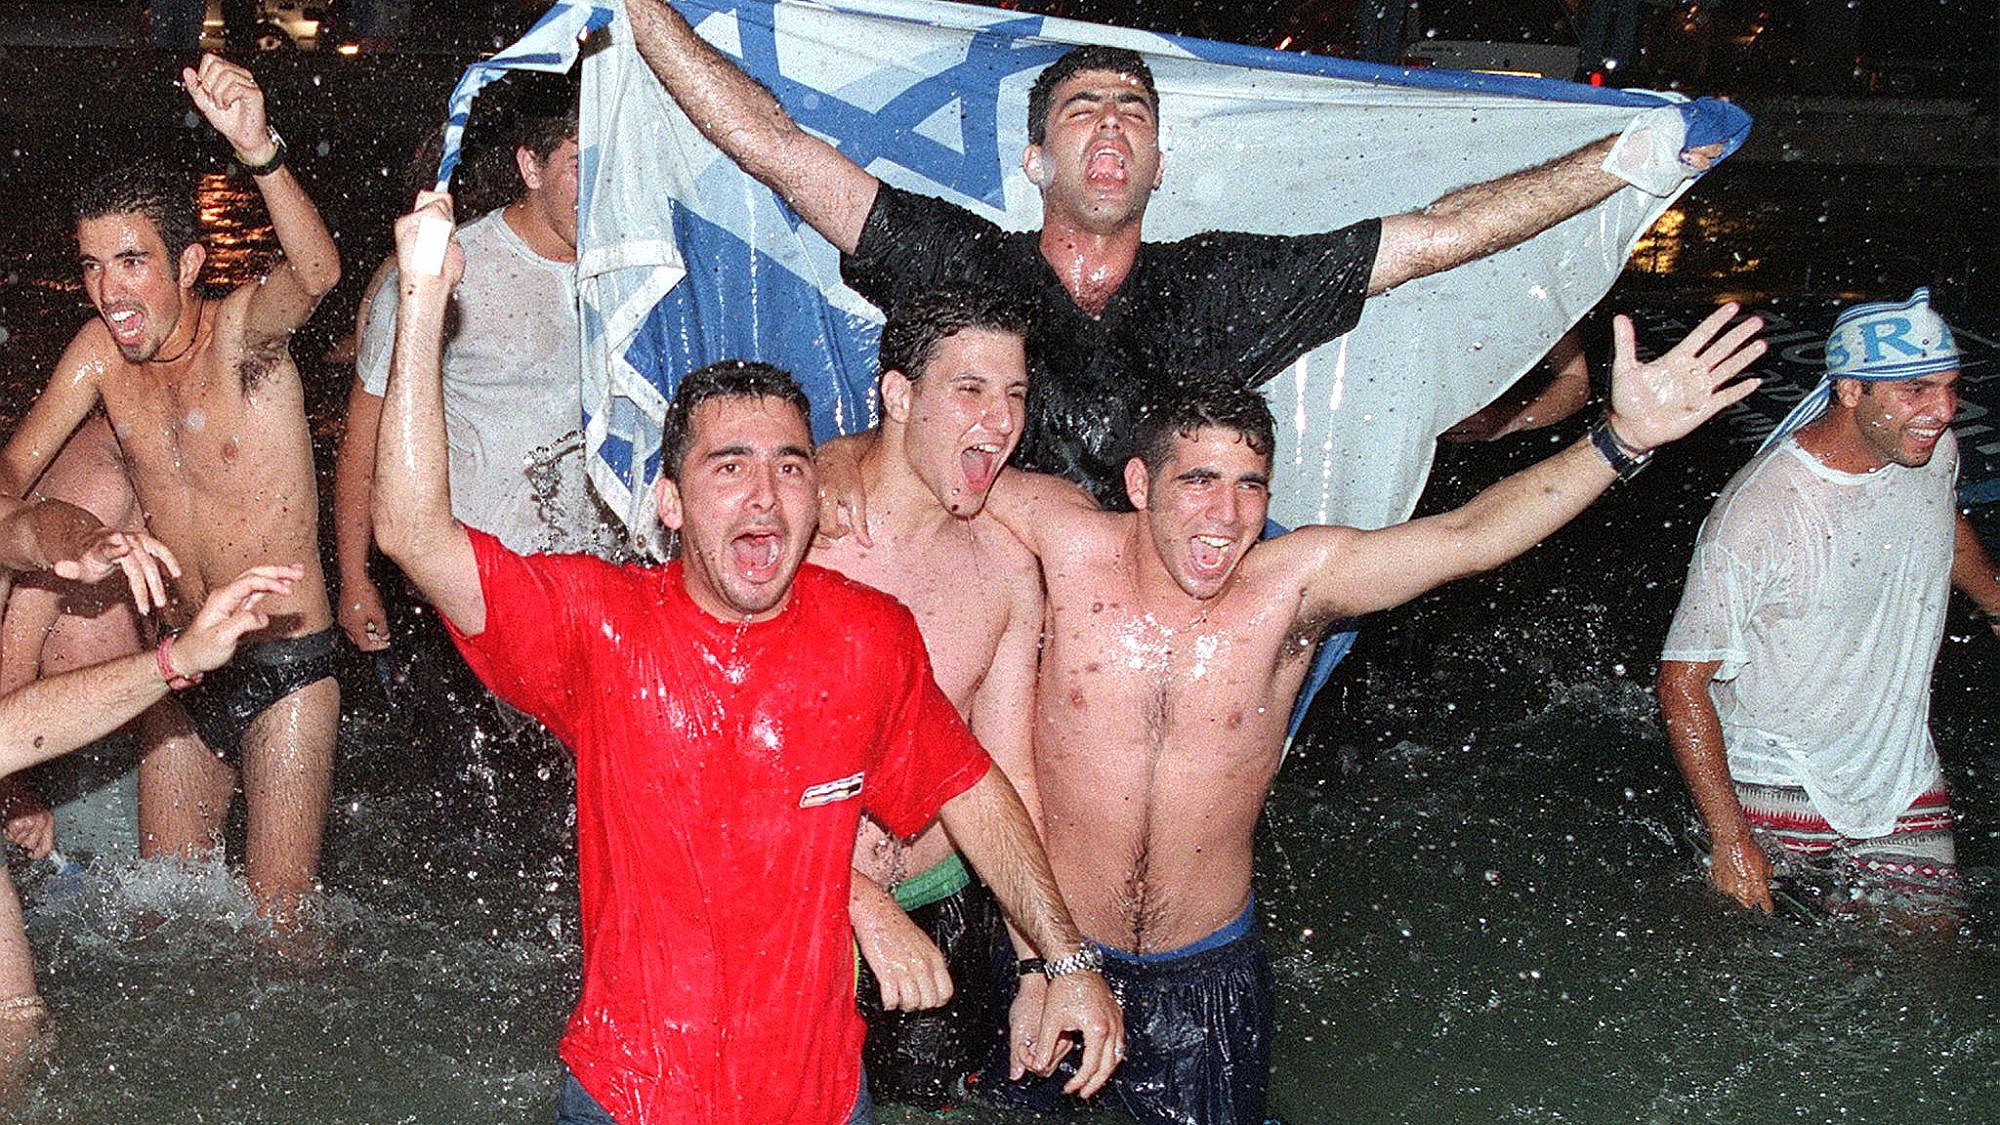 חגיגות הניצחון של דנה אינטרנשיונל באירוויזיון, מאי 1999 (צילום: AFP\גטי אימג'ס)